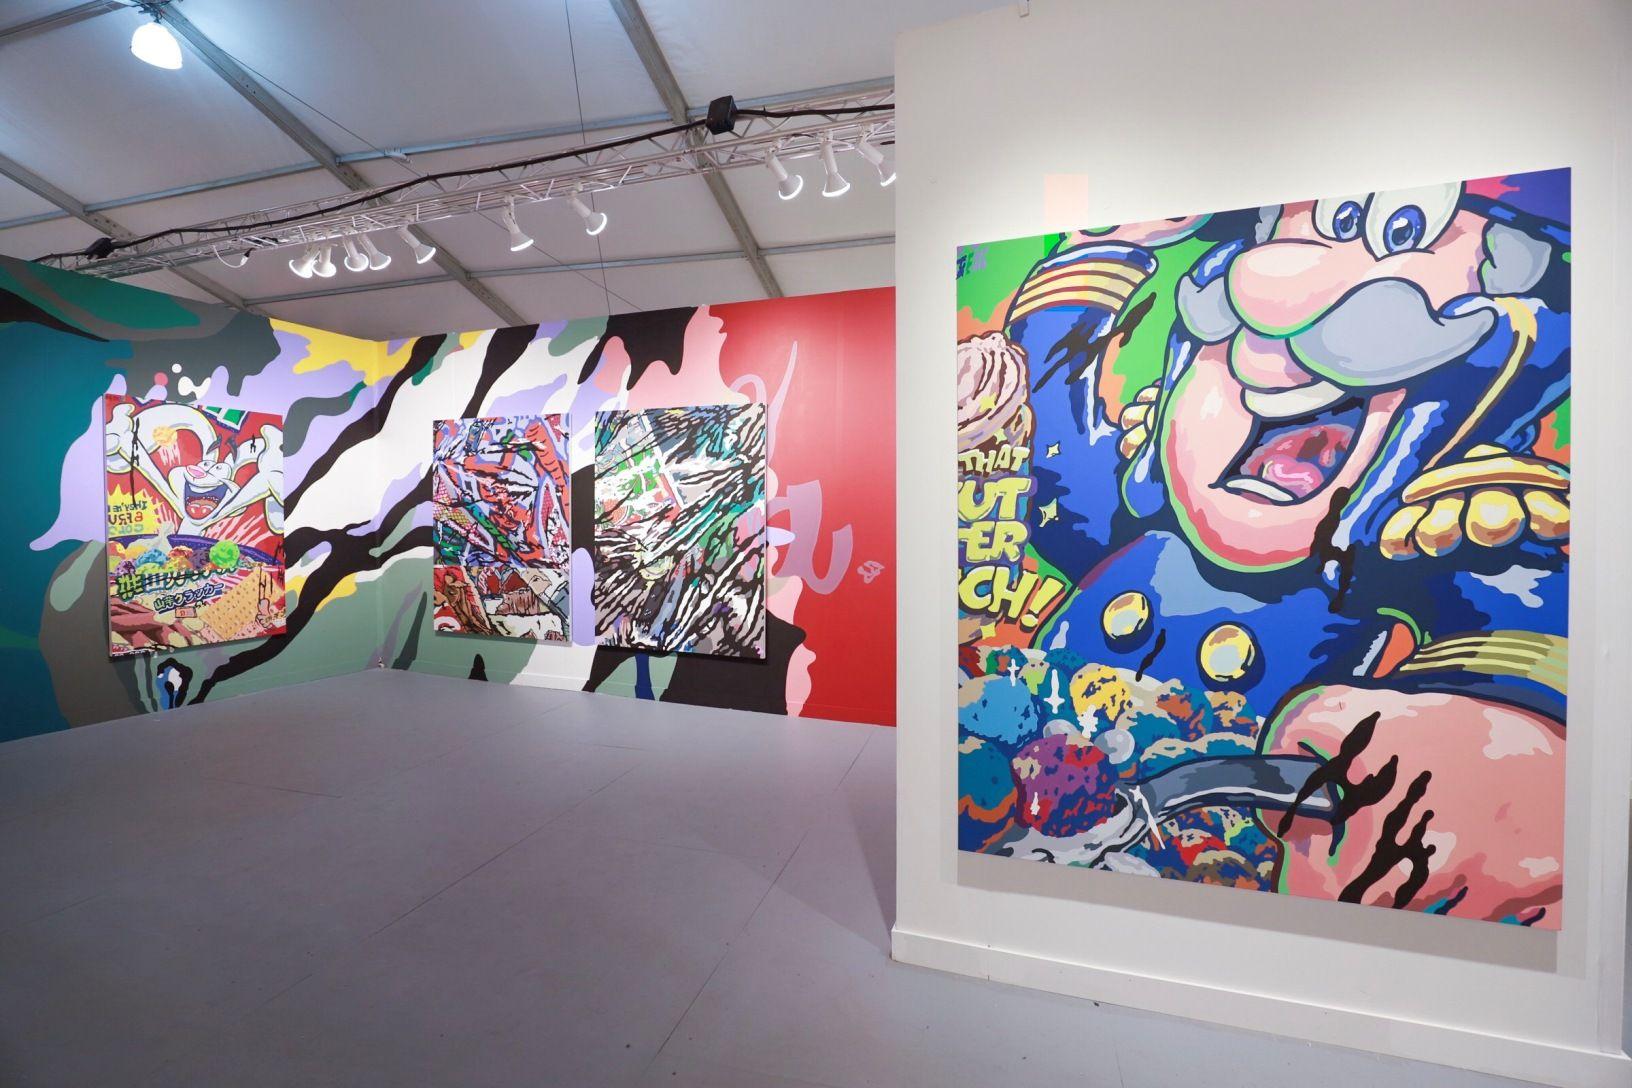 Neumann Wolfson Art One of the Best Art Galleries in NYC